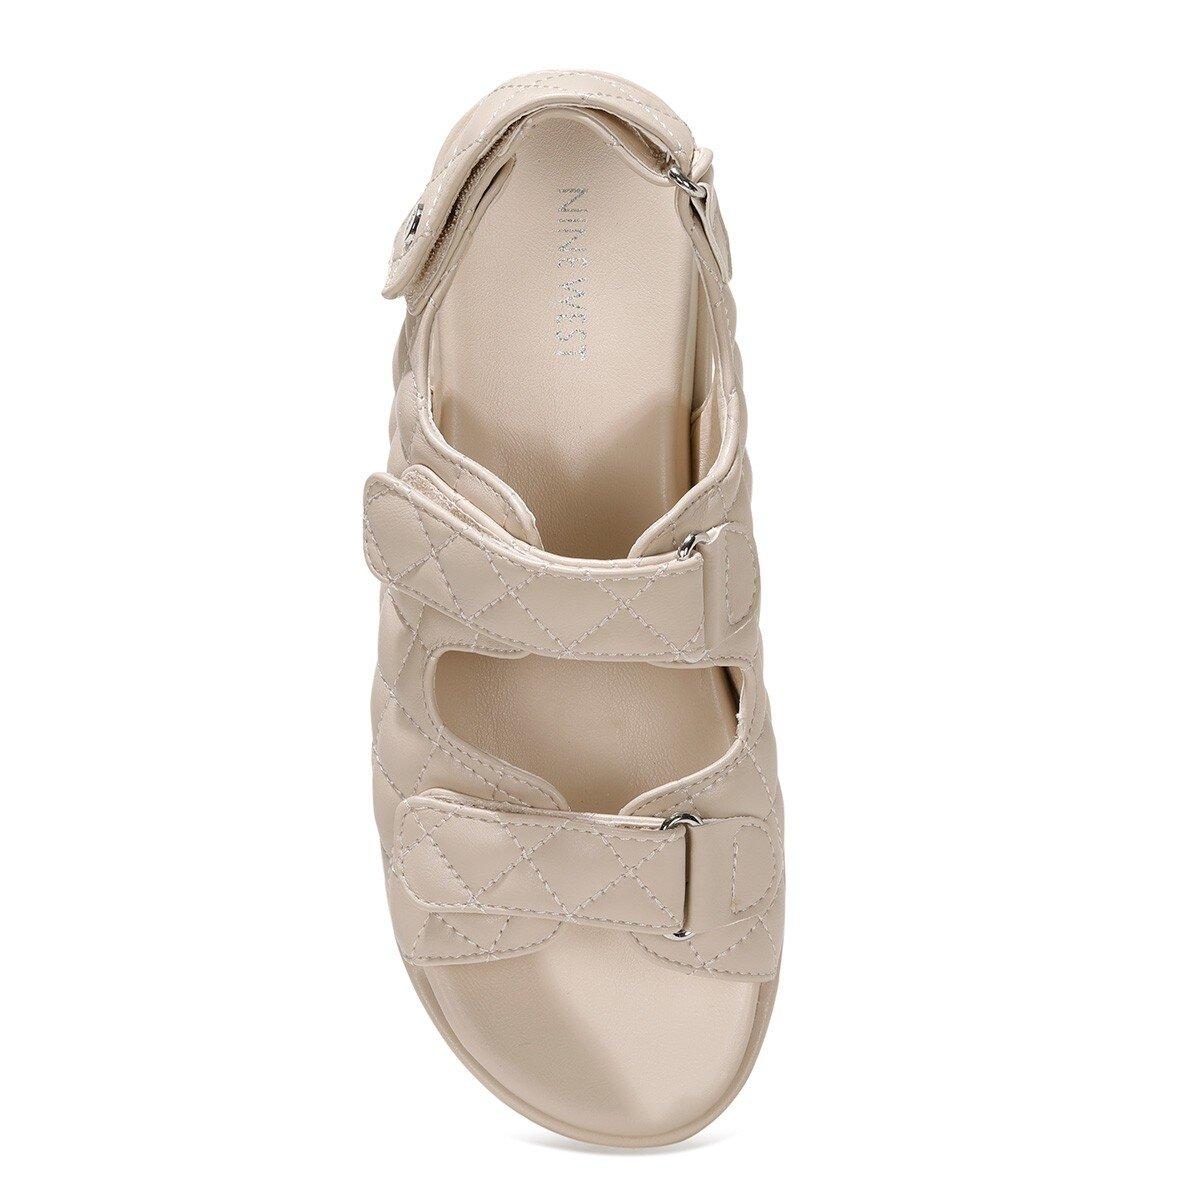 DONNA 1FX Bej Kadın Kalın Taban Sandalet